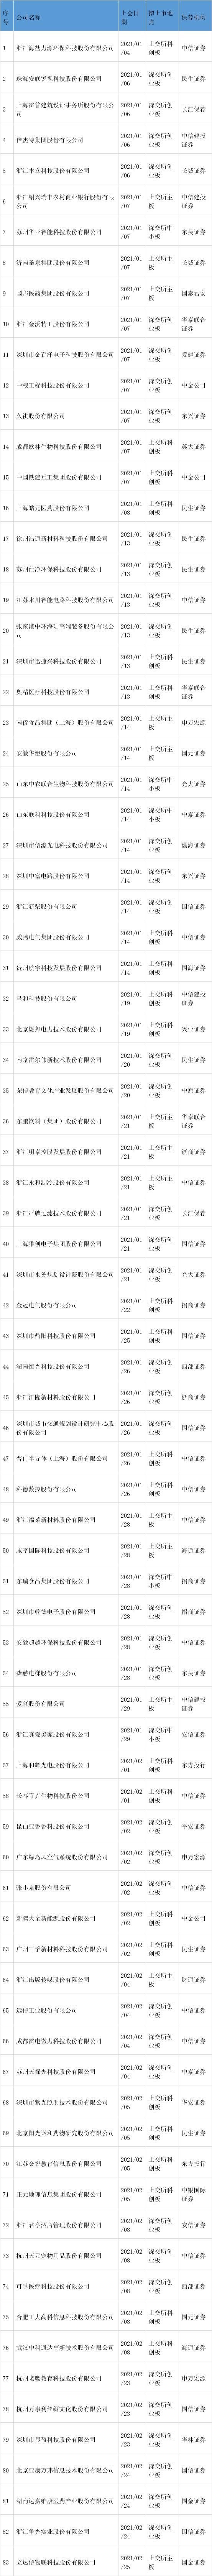 力达信会议:今年IPO通过第83届郭进证券,通过2单